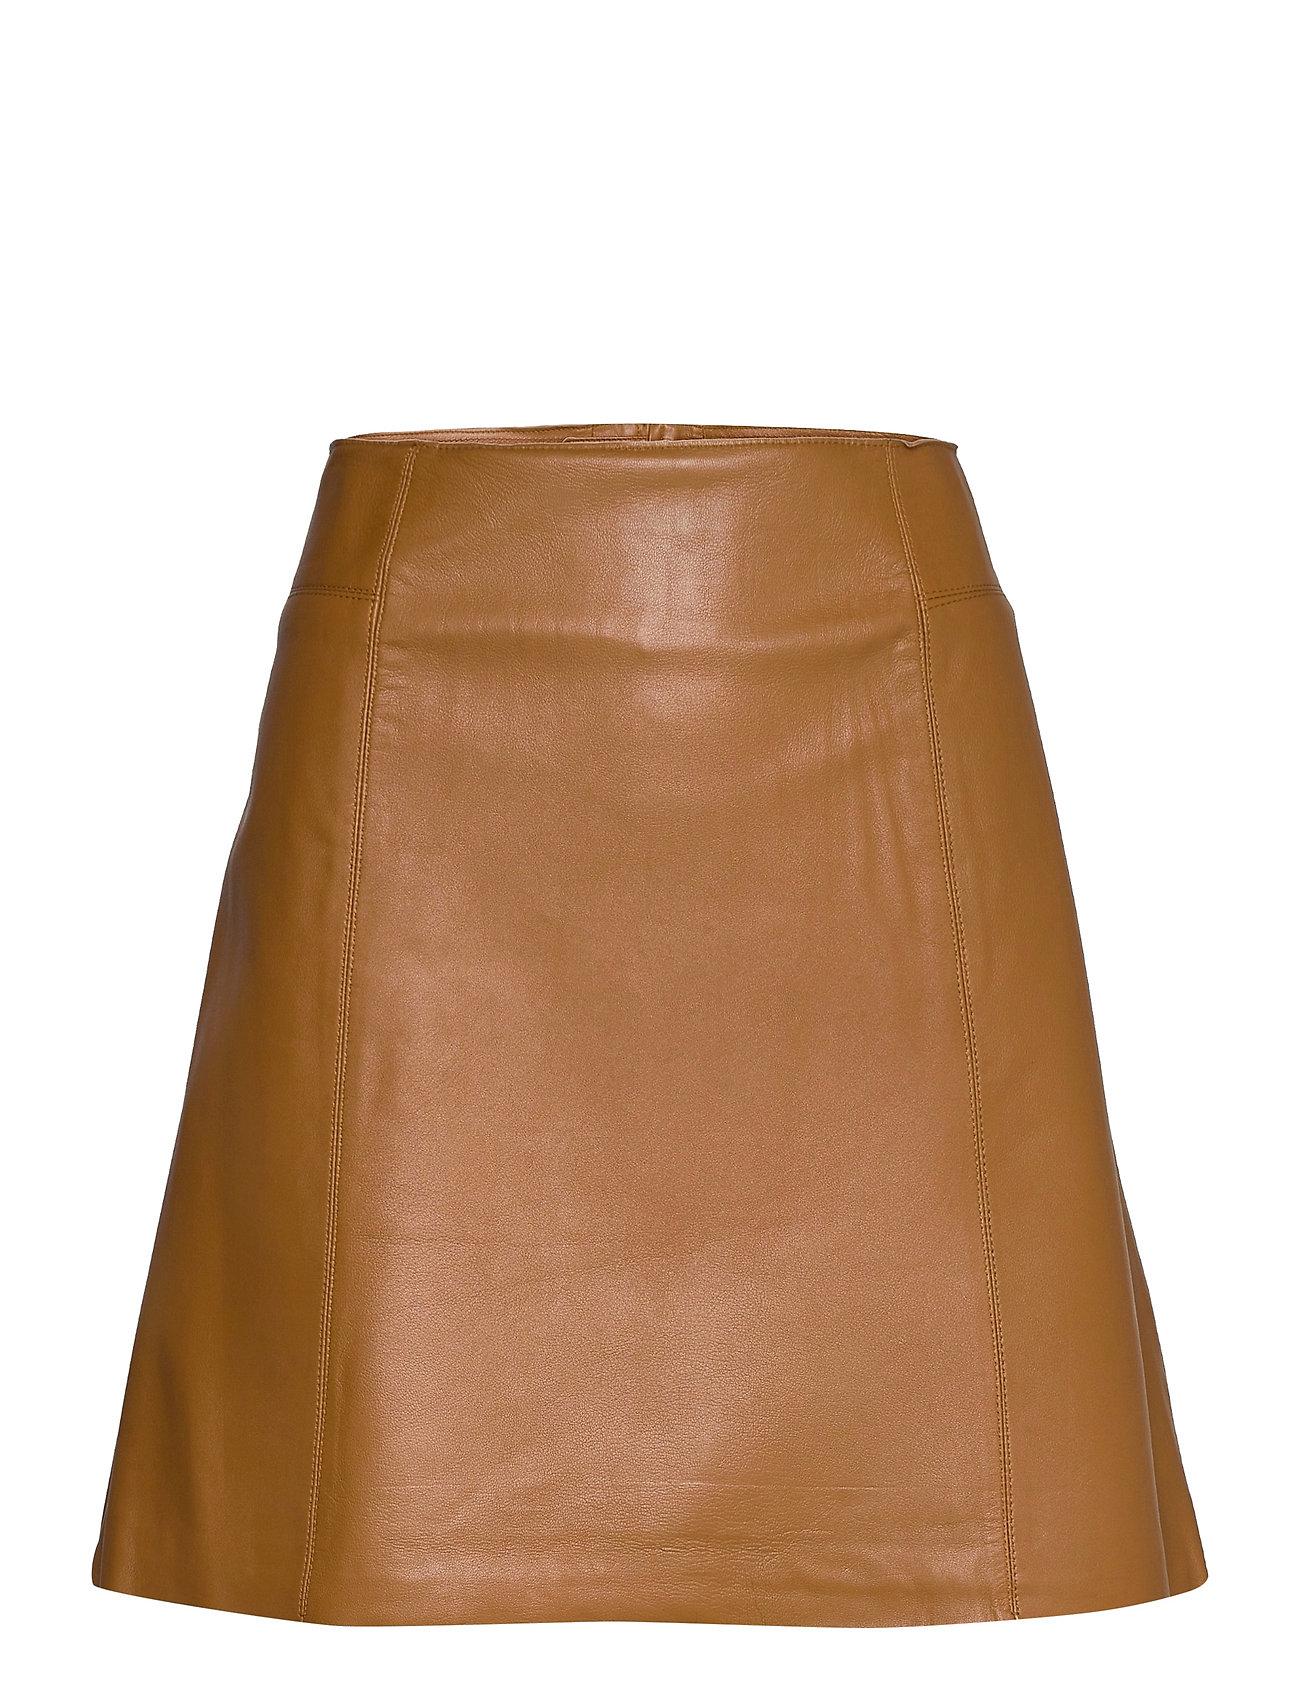 Slfibi Leather Skirt B Kort Nederdel Brun Selected Femme